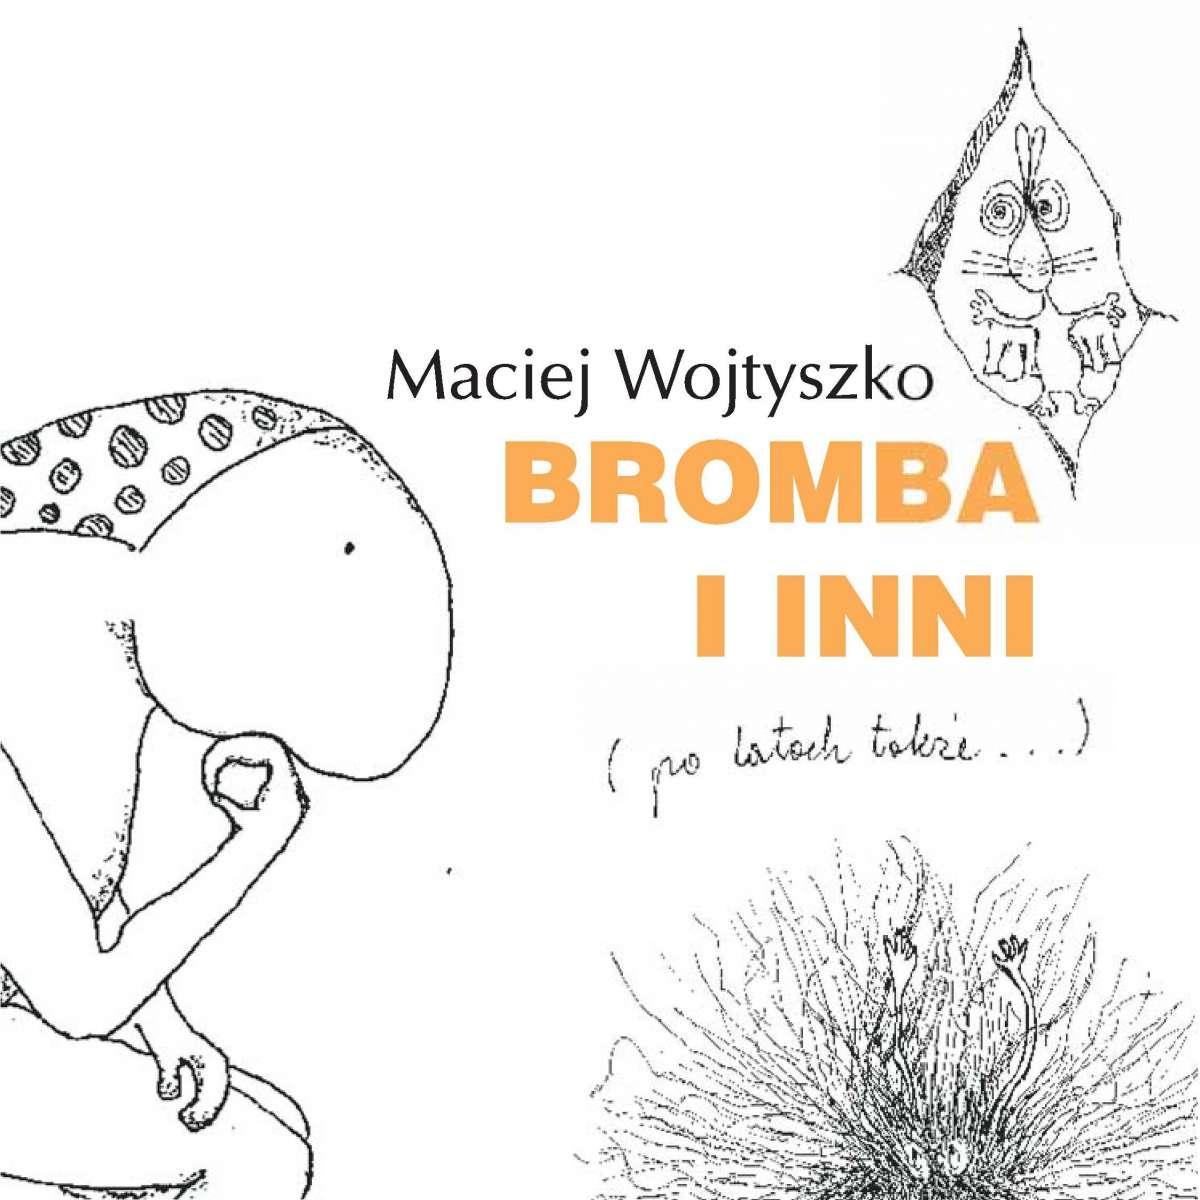 Bromba i inni (po latach także…) - Ebook (Książka na Kindle) do pobrania w formacie MOBI